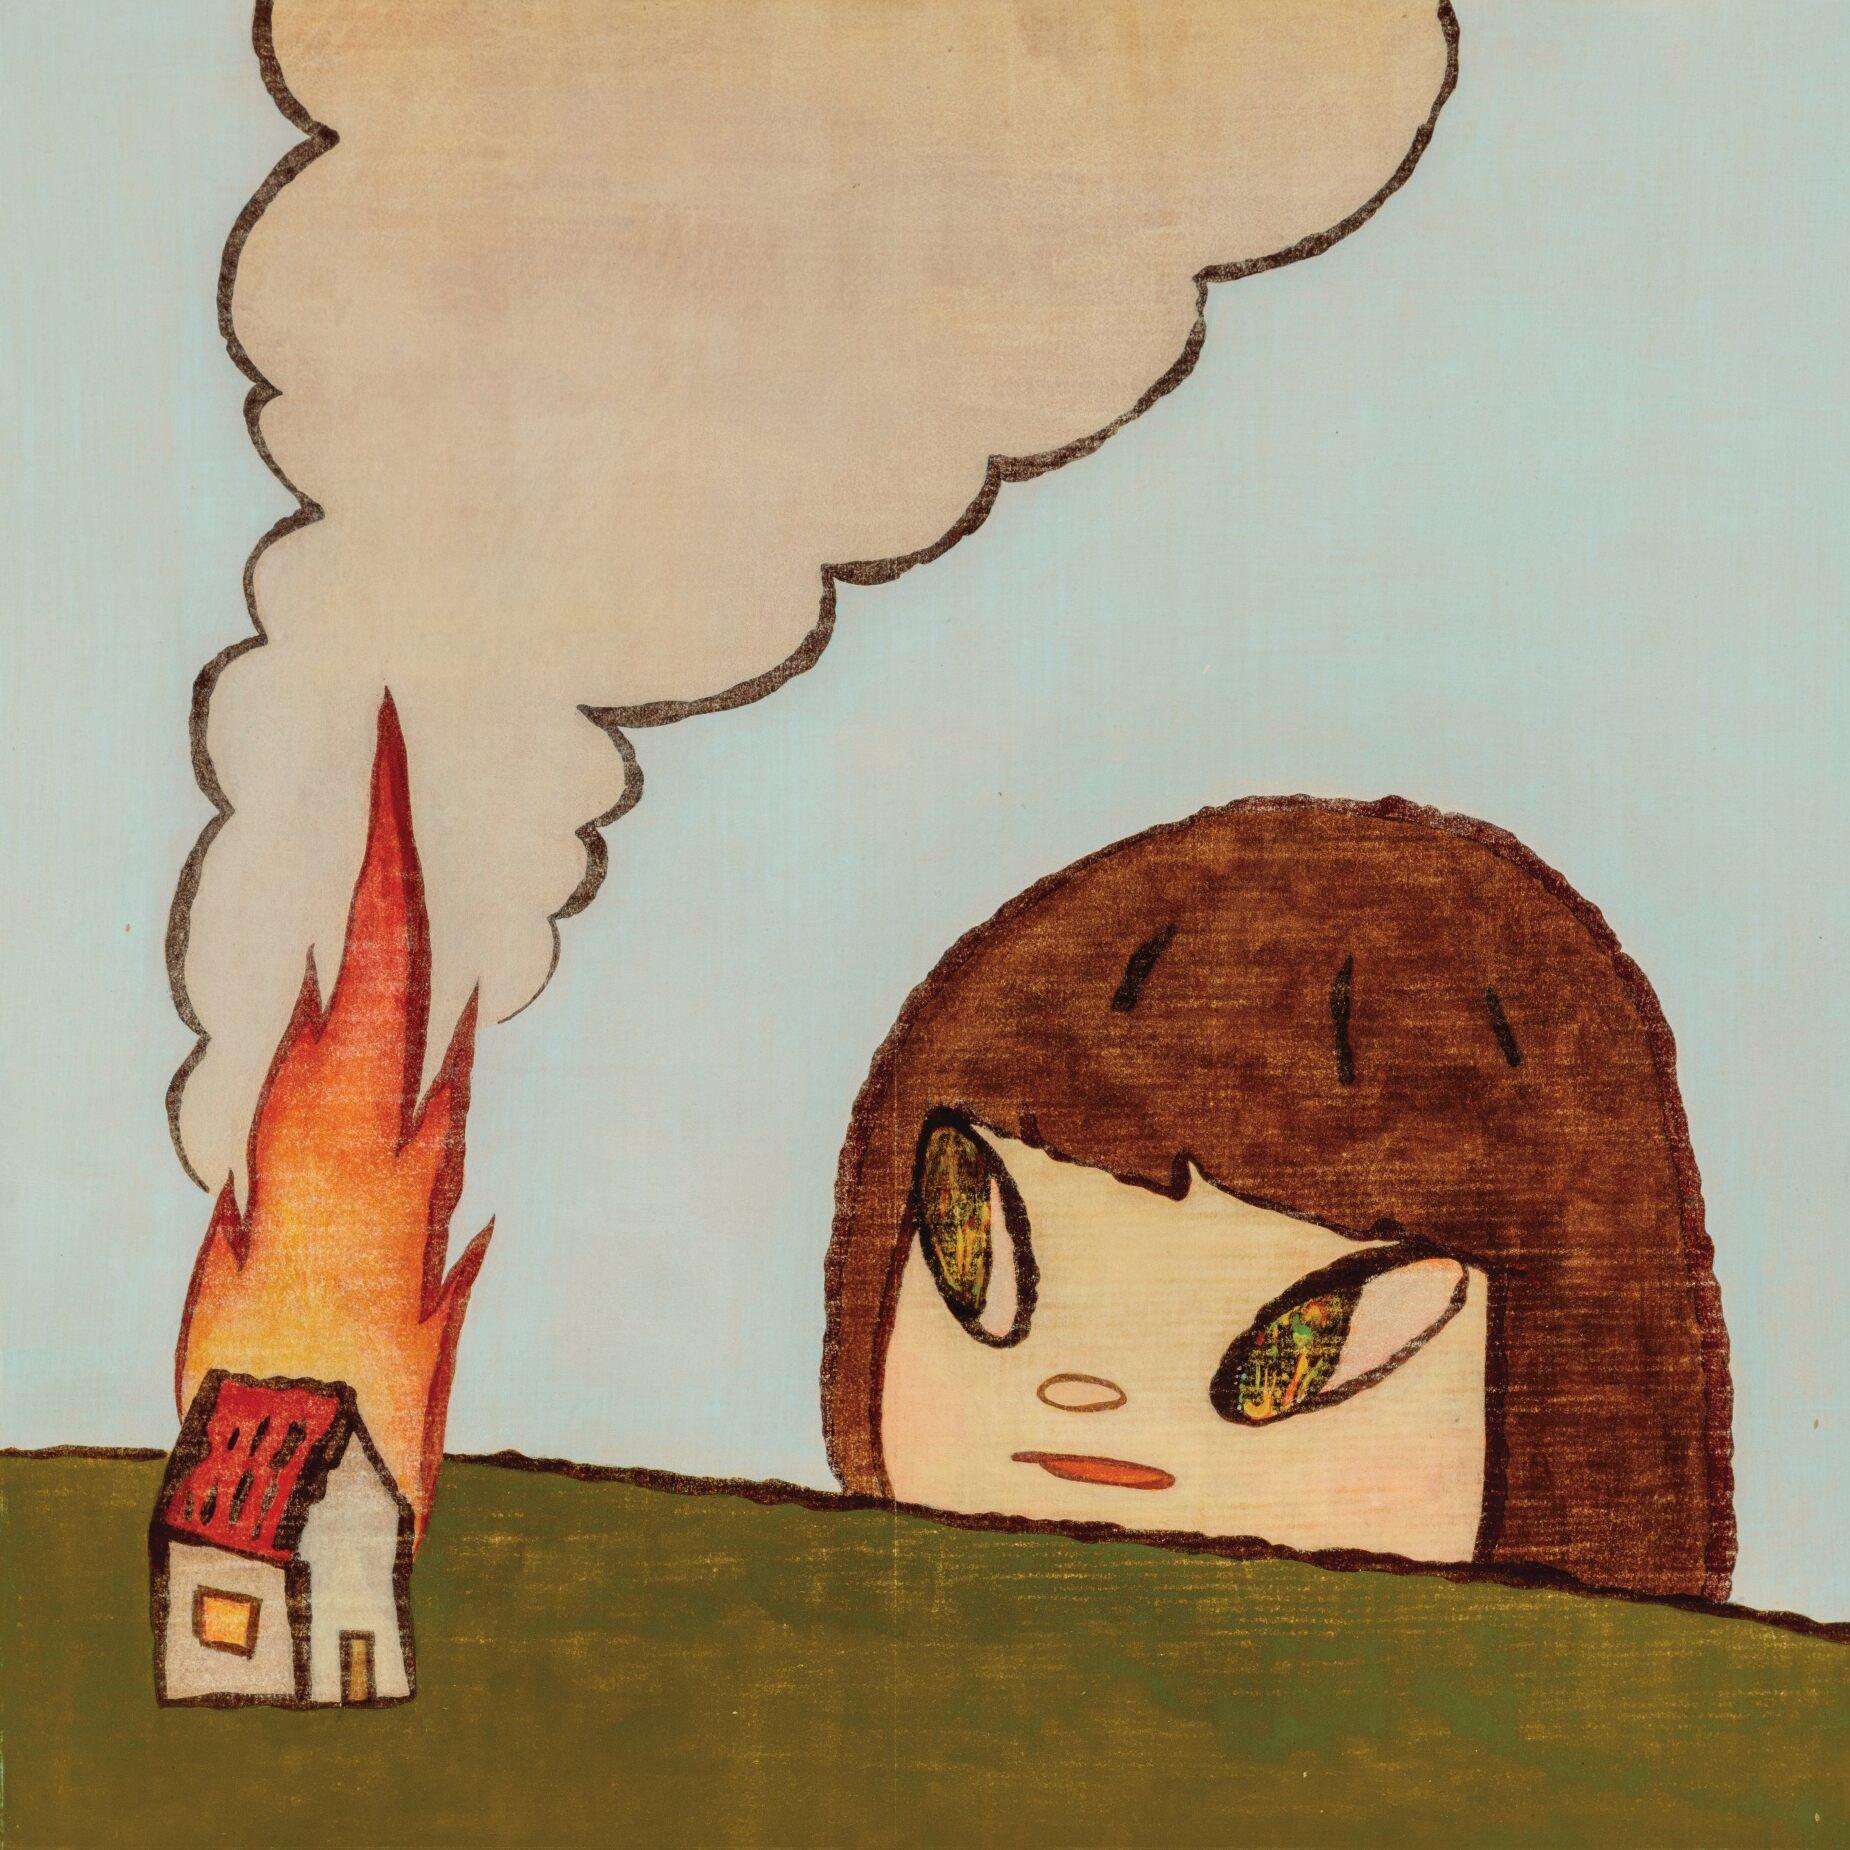 FIRE by Yoshitomo Nara